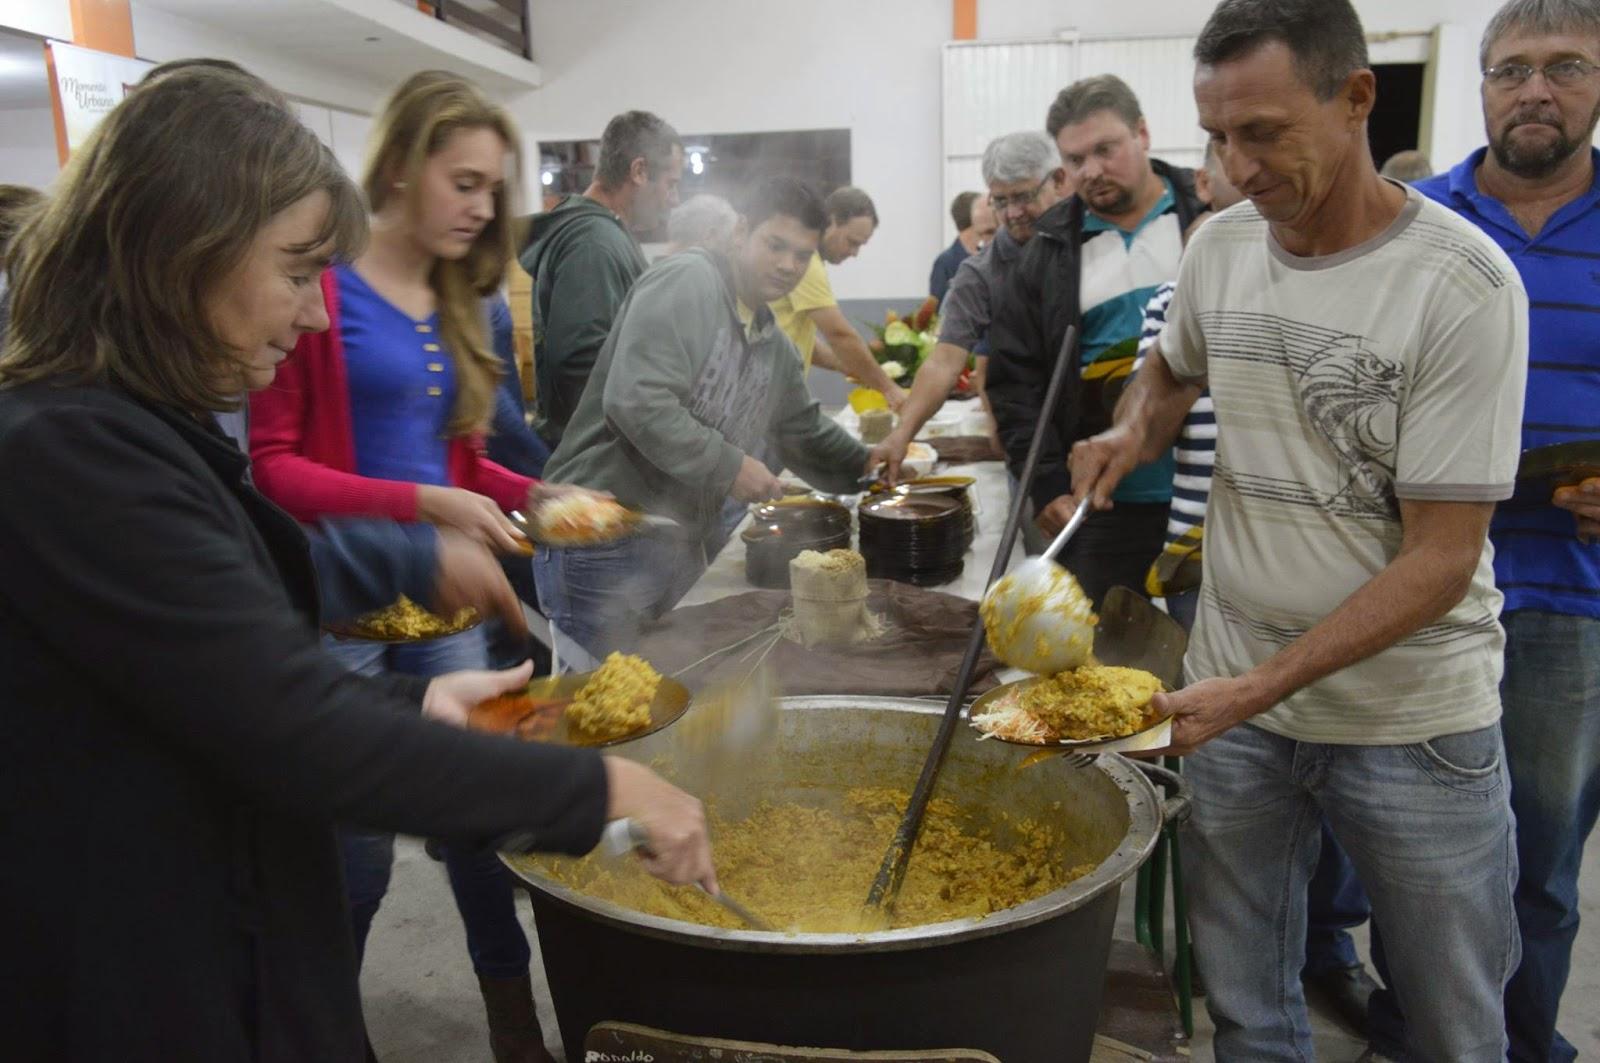 Aparadores Vintage El Corte Ingles ~ Circulando na Vila Festa do Arroz oferece animaç u00e3o e gastronomia neste domingo